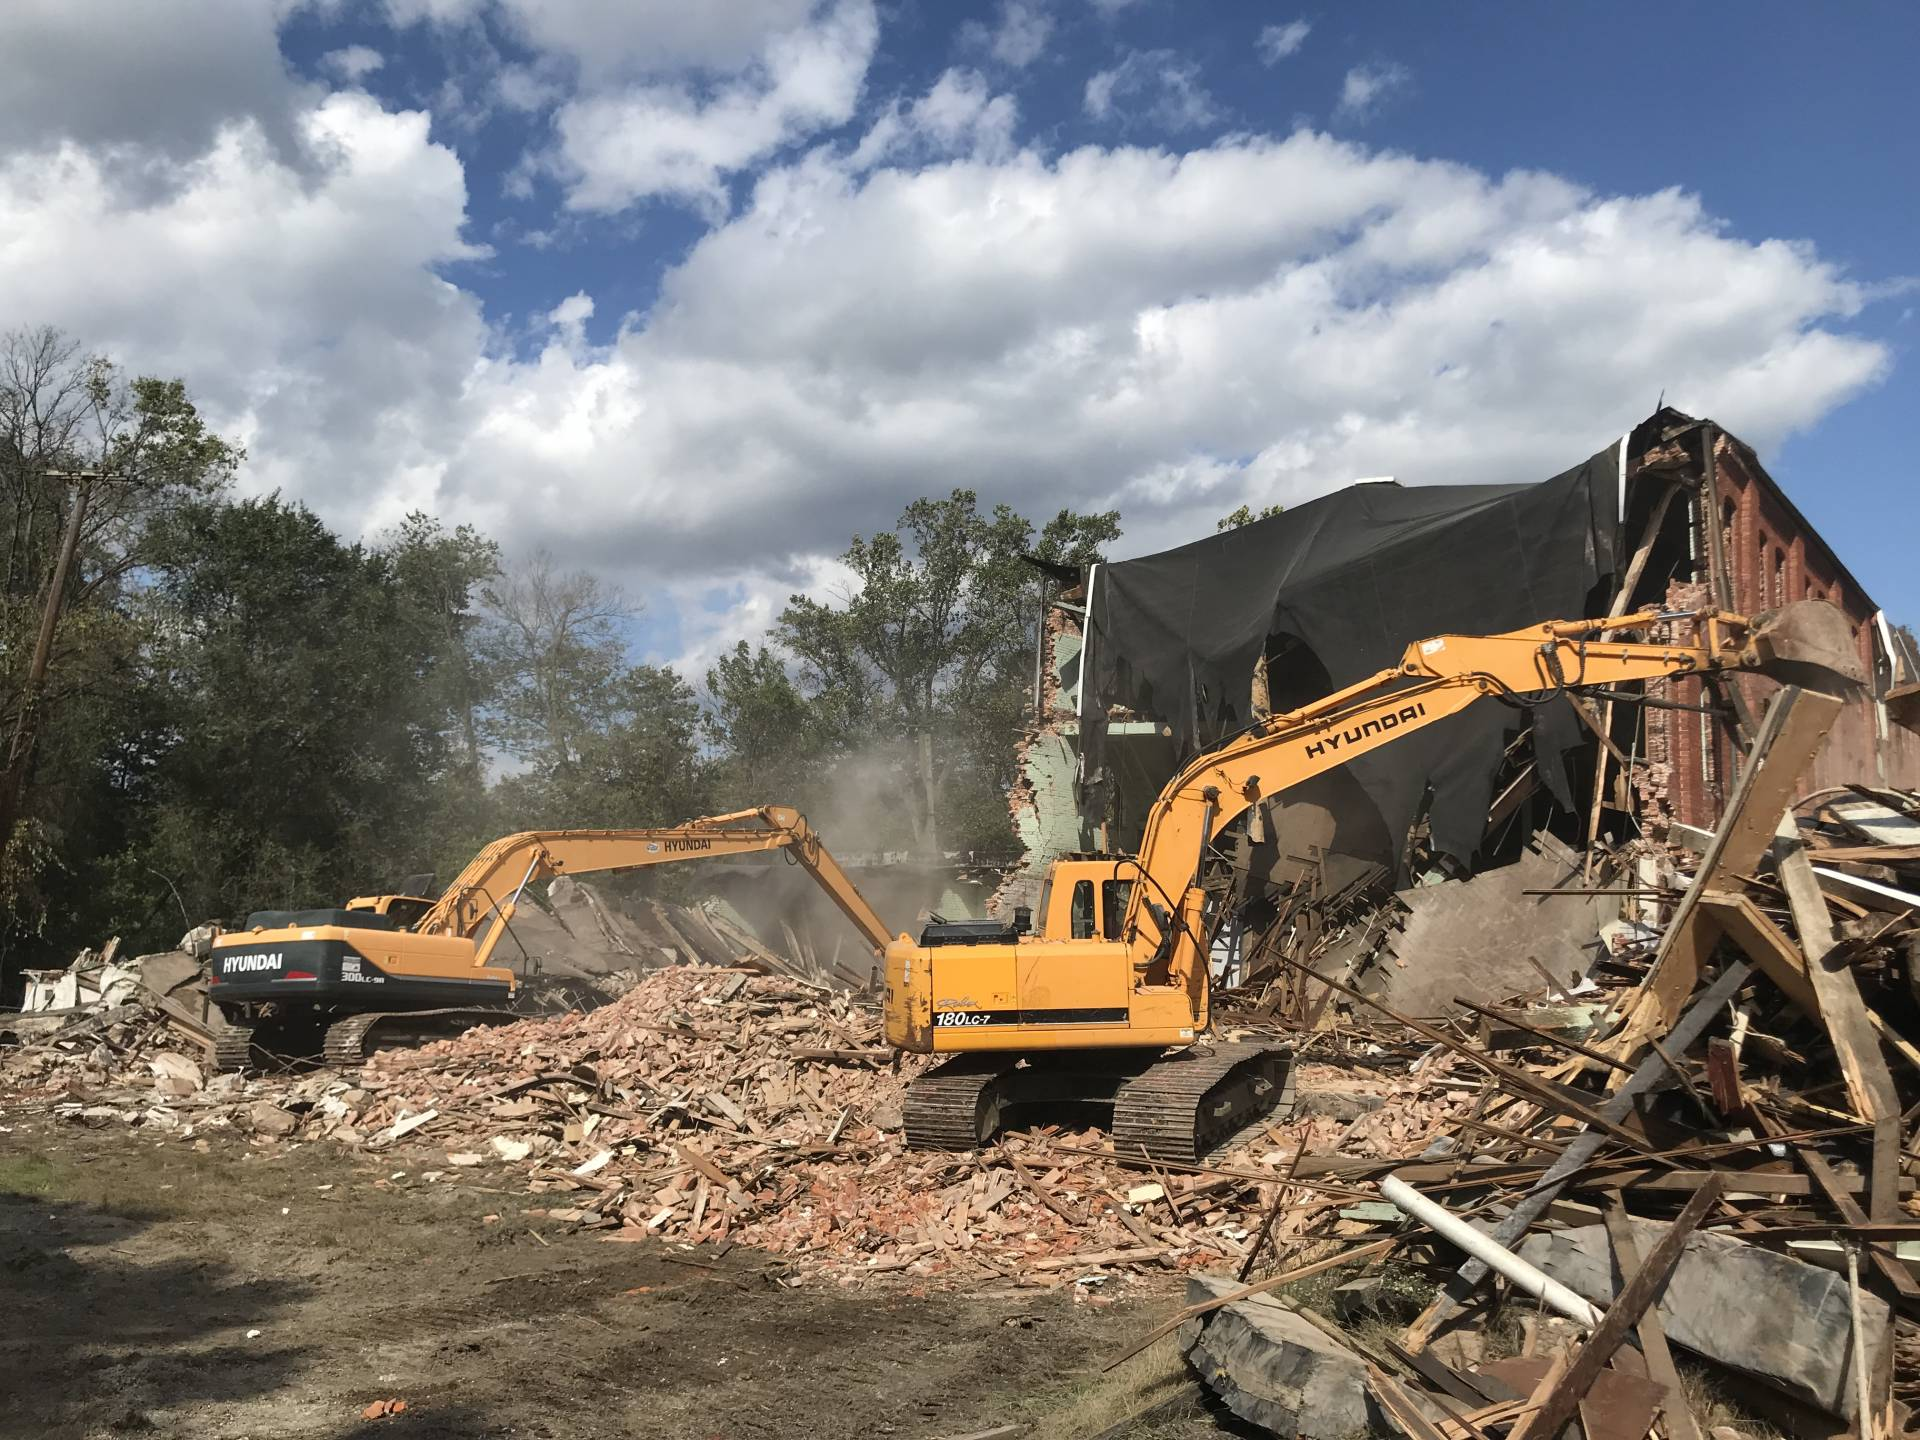 demolition crew at work